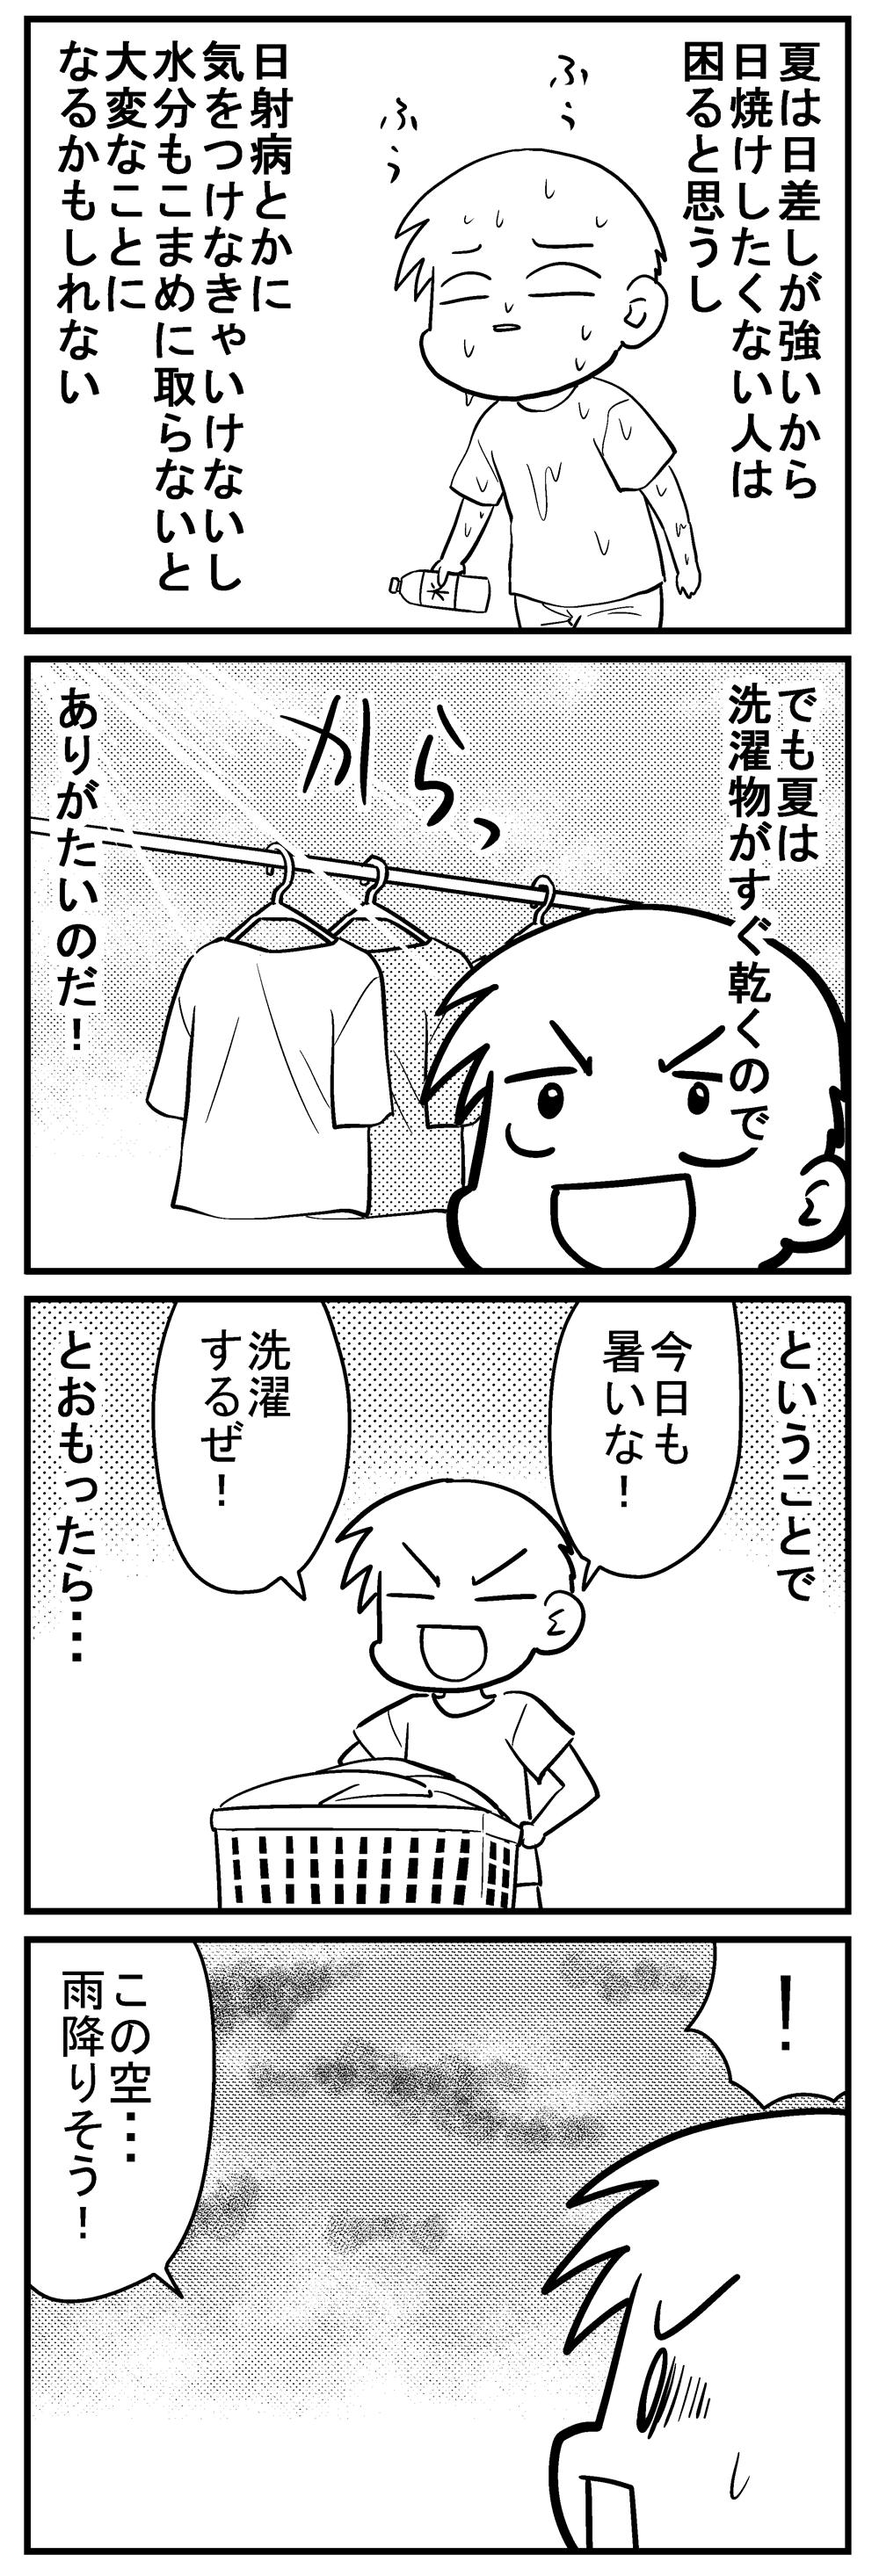 深読みくん73 1